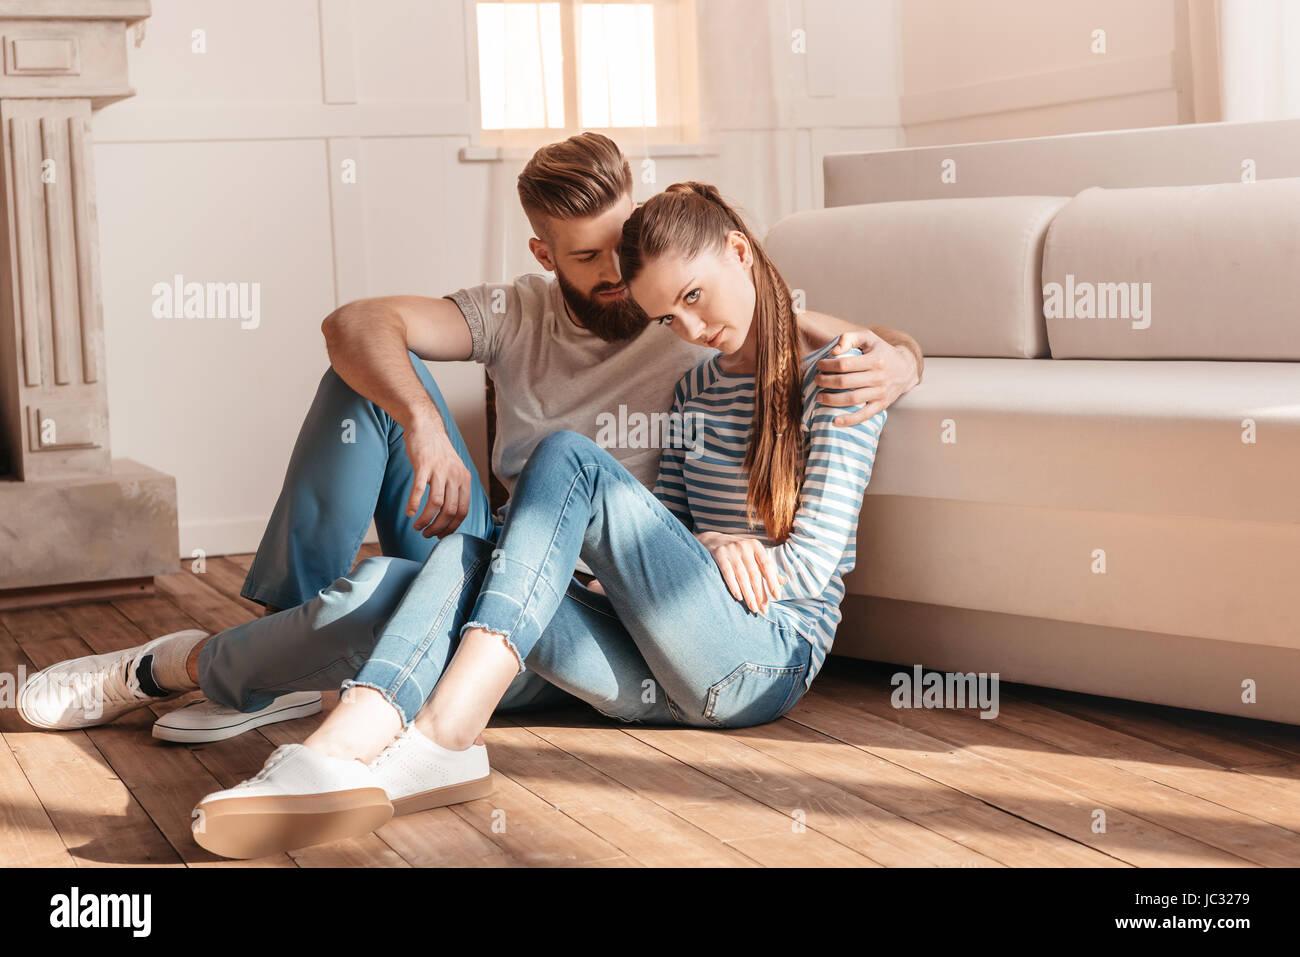 junge zarte, Mann und Frau umarmen und sitzen auf dem Boden zu Hause Stockbild